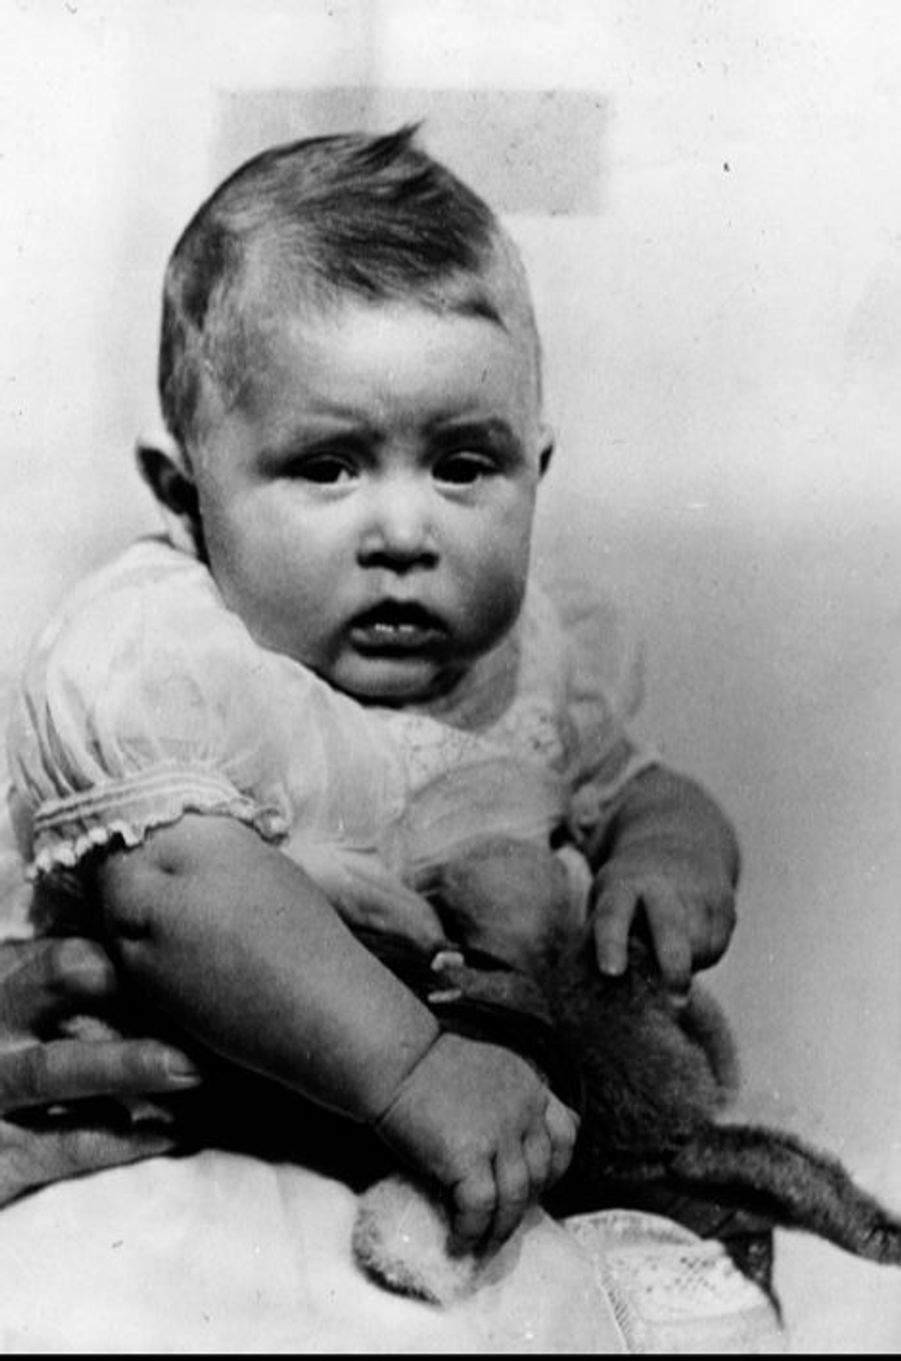 Le prince Charles à 6 mois et demi, le 4 juin 1949